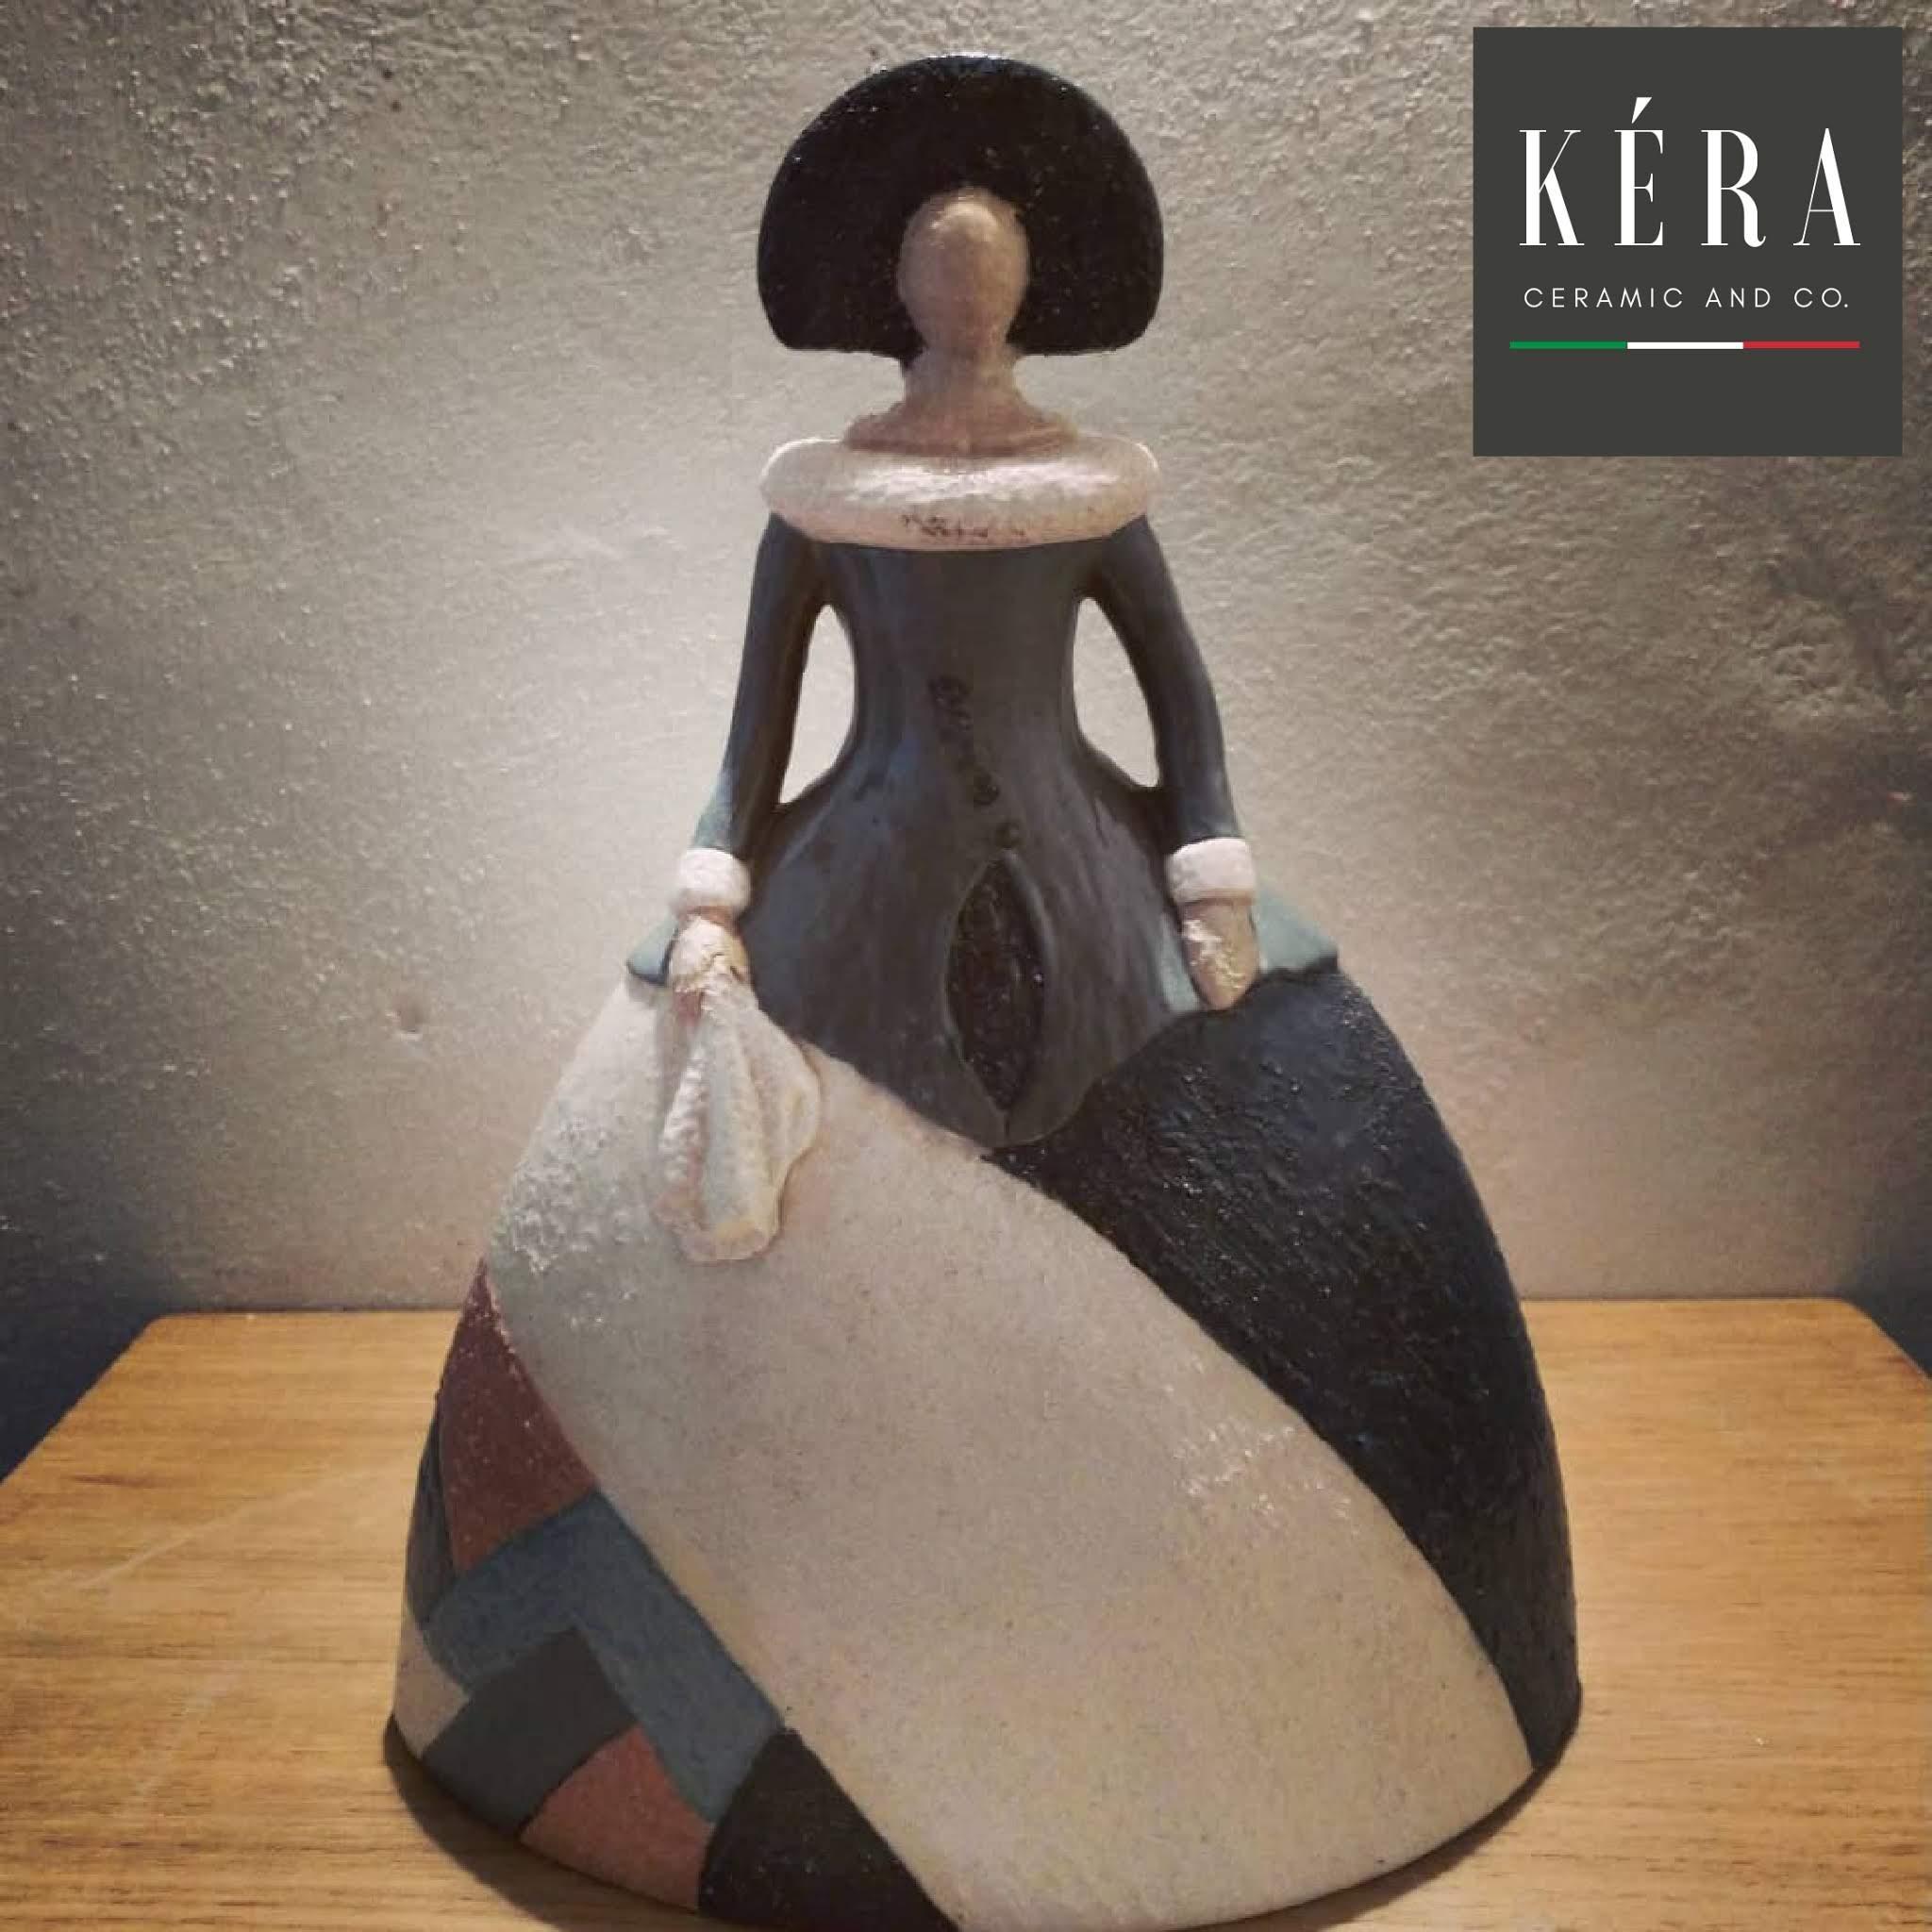 Ceramic and gres figurine 27x20cm